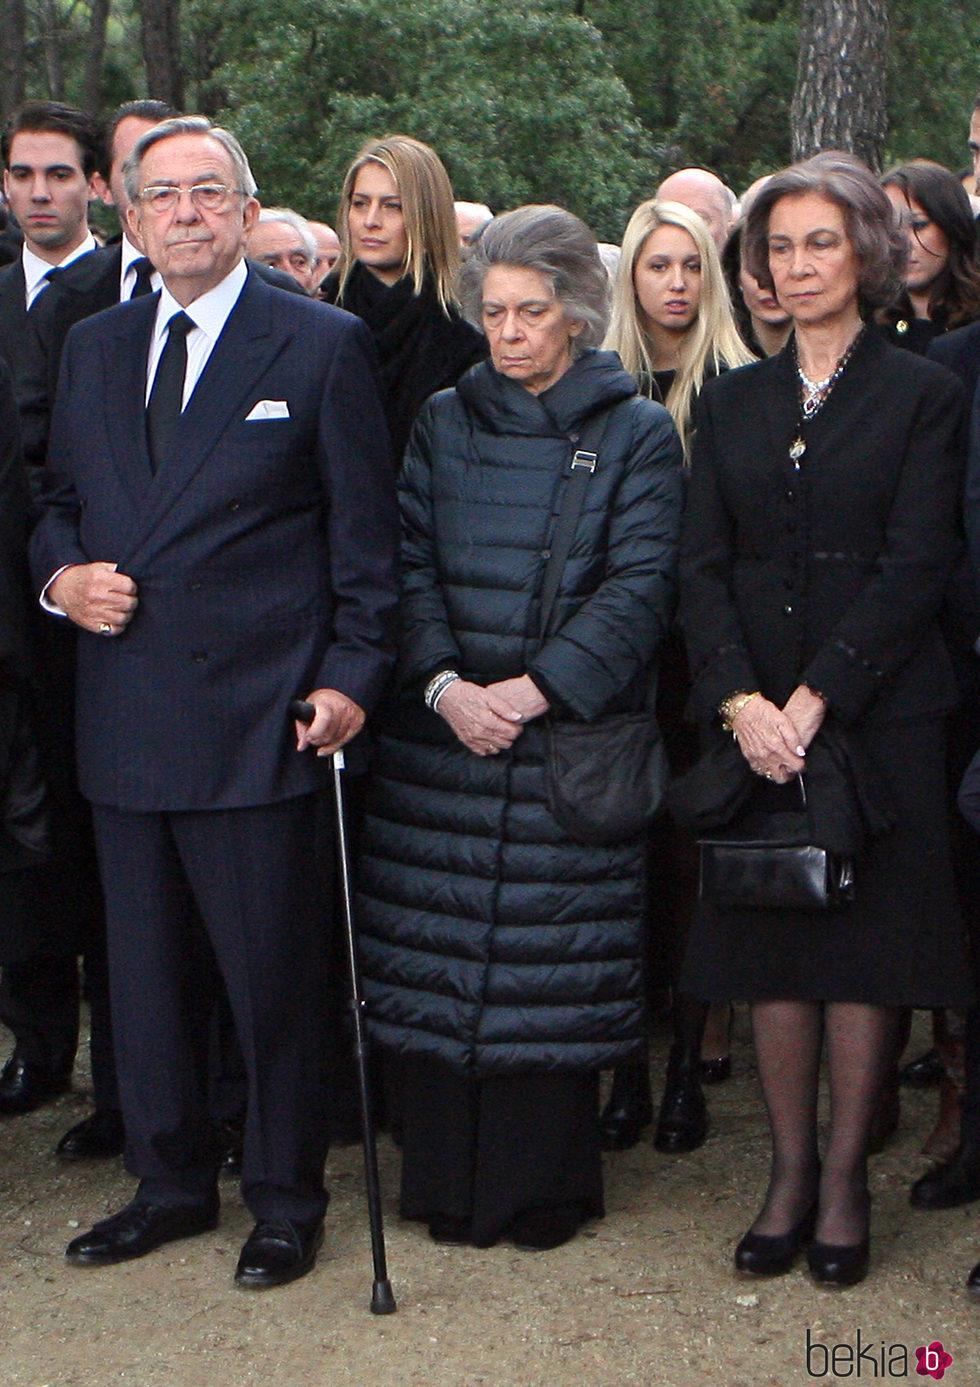 La Reina Sofía con sus hermanos, Constantino e Irene de Grecia